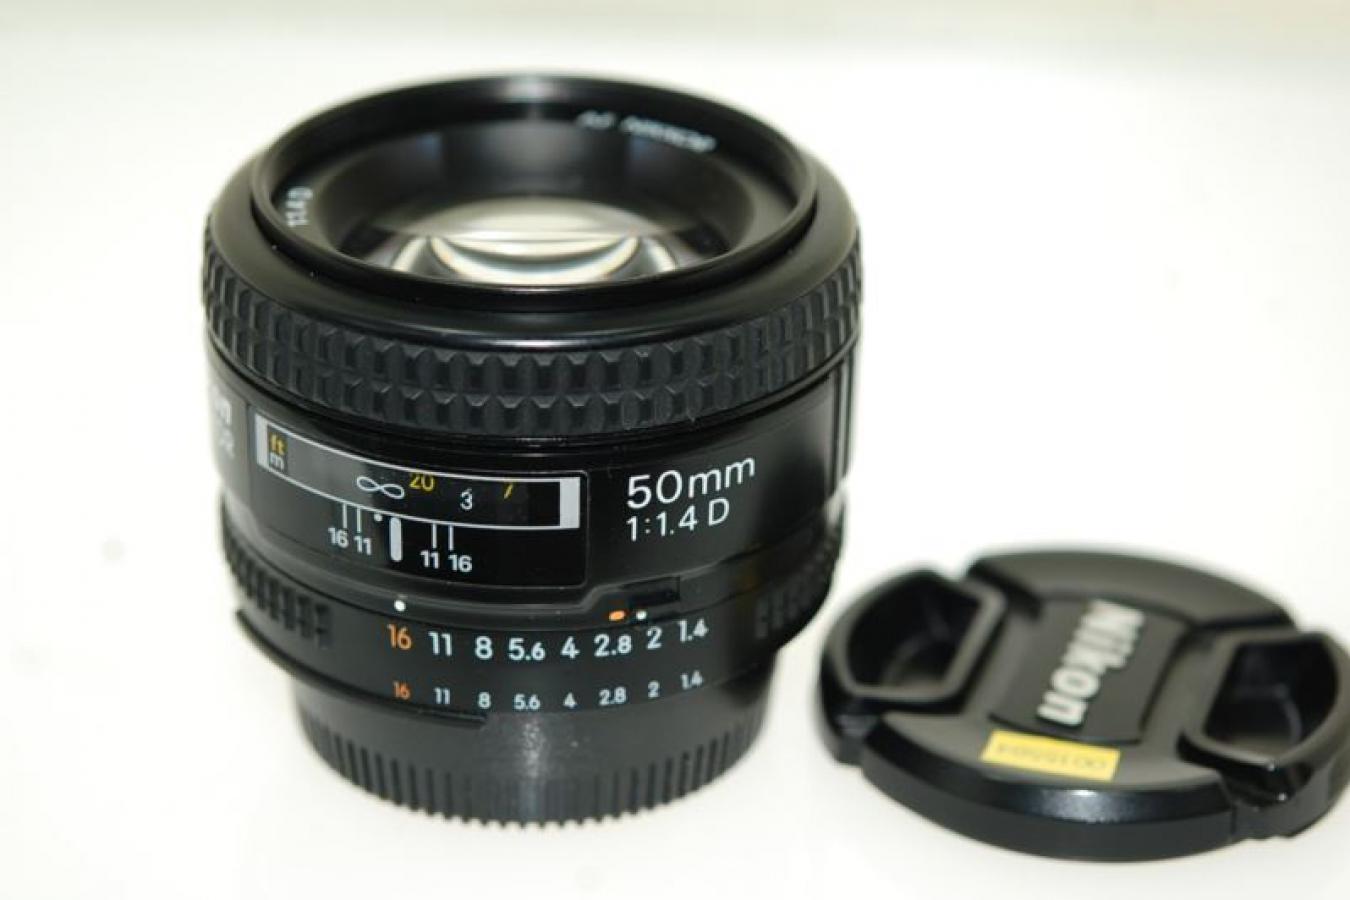 AF NIKKOR 50mm F1.4D